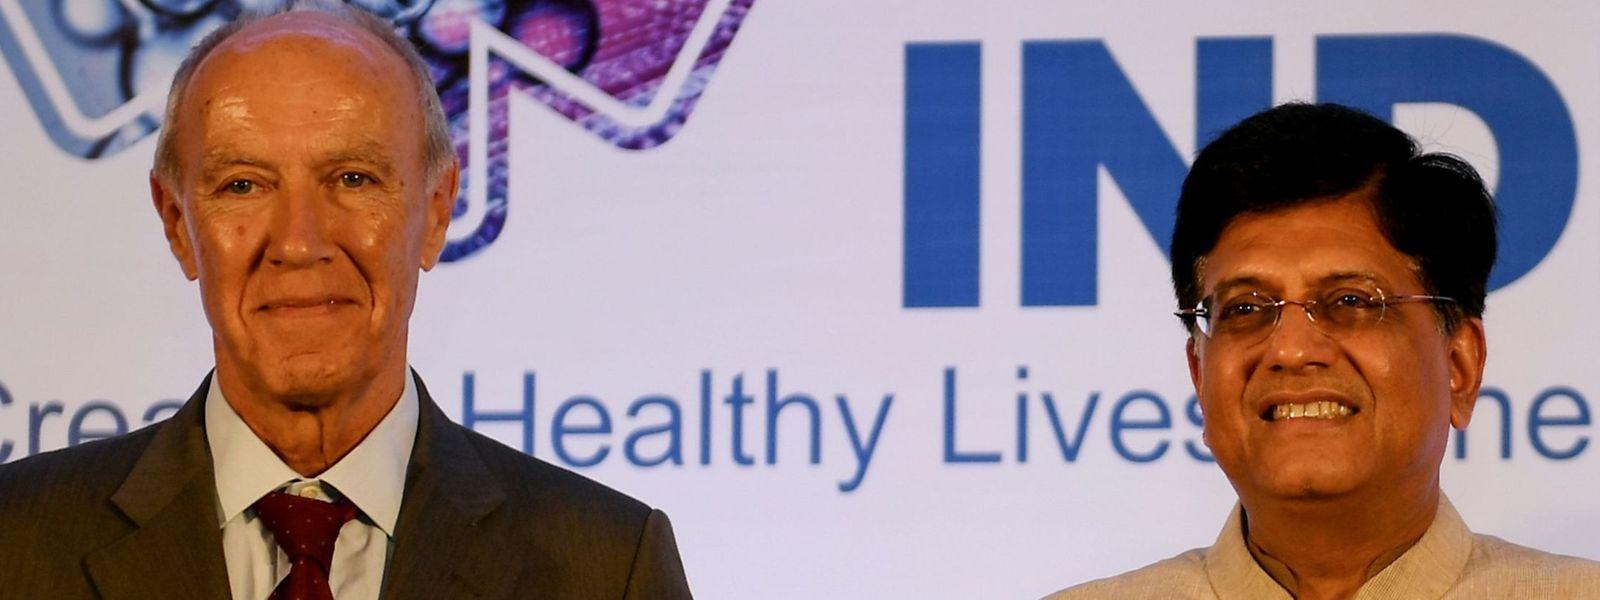 L'Indice mondial de l'innovation a été présenté cette année en Inde par le directeur général de l'OMPI, Francis Gurry (à g.), et le ministre indien du Commerce, de l'Industrie et des Chemins de fer, Piyush Goyal.